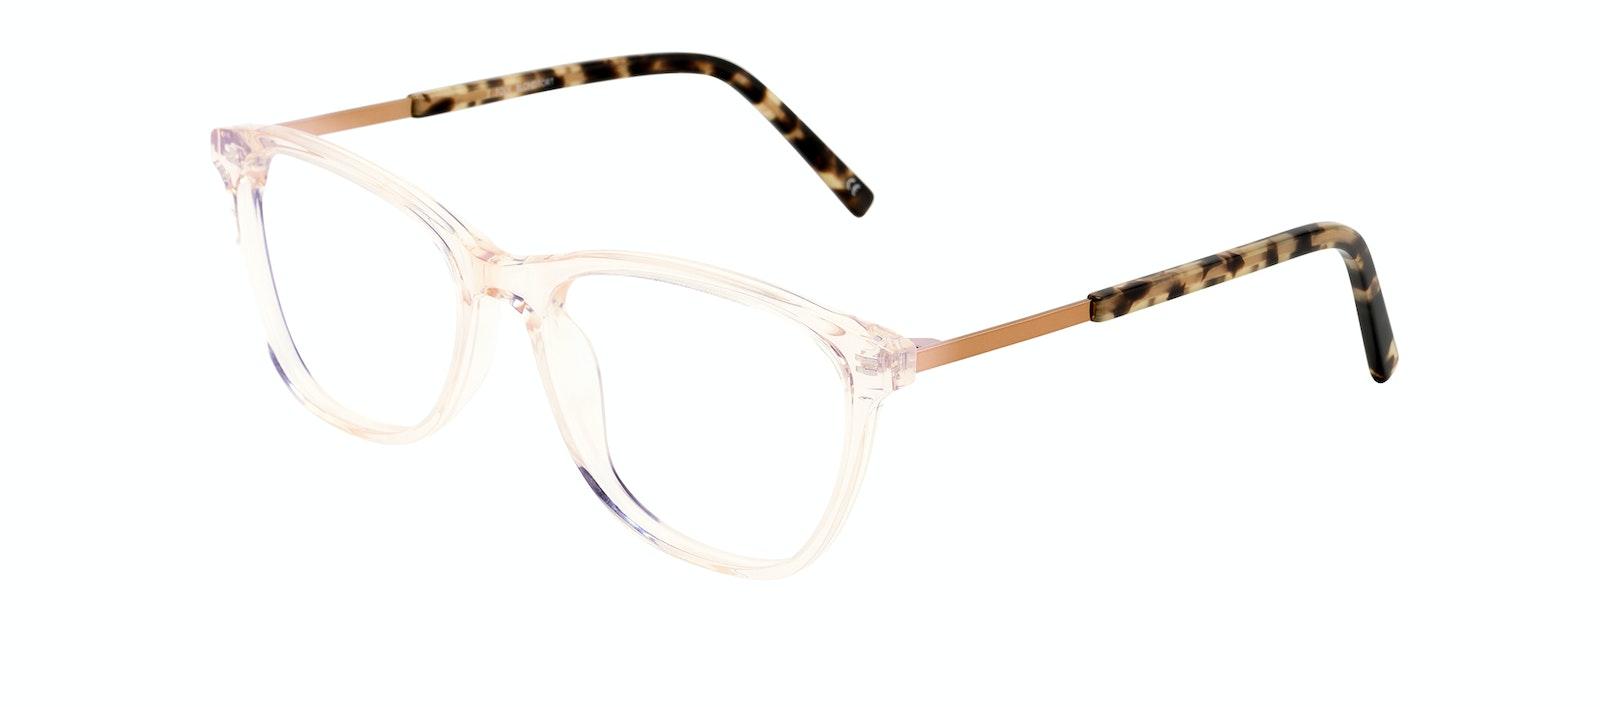 Affordable Fashion Glasses Rectangle Eyeglasses Women Folk Blond Tortoise Tilt